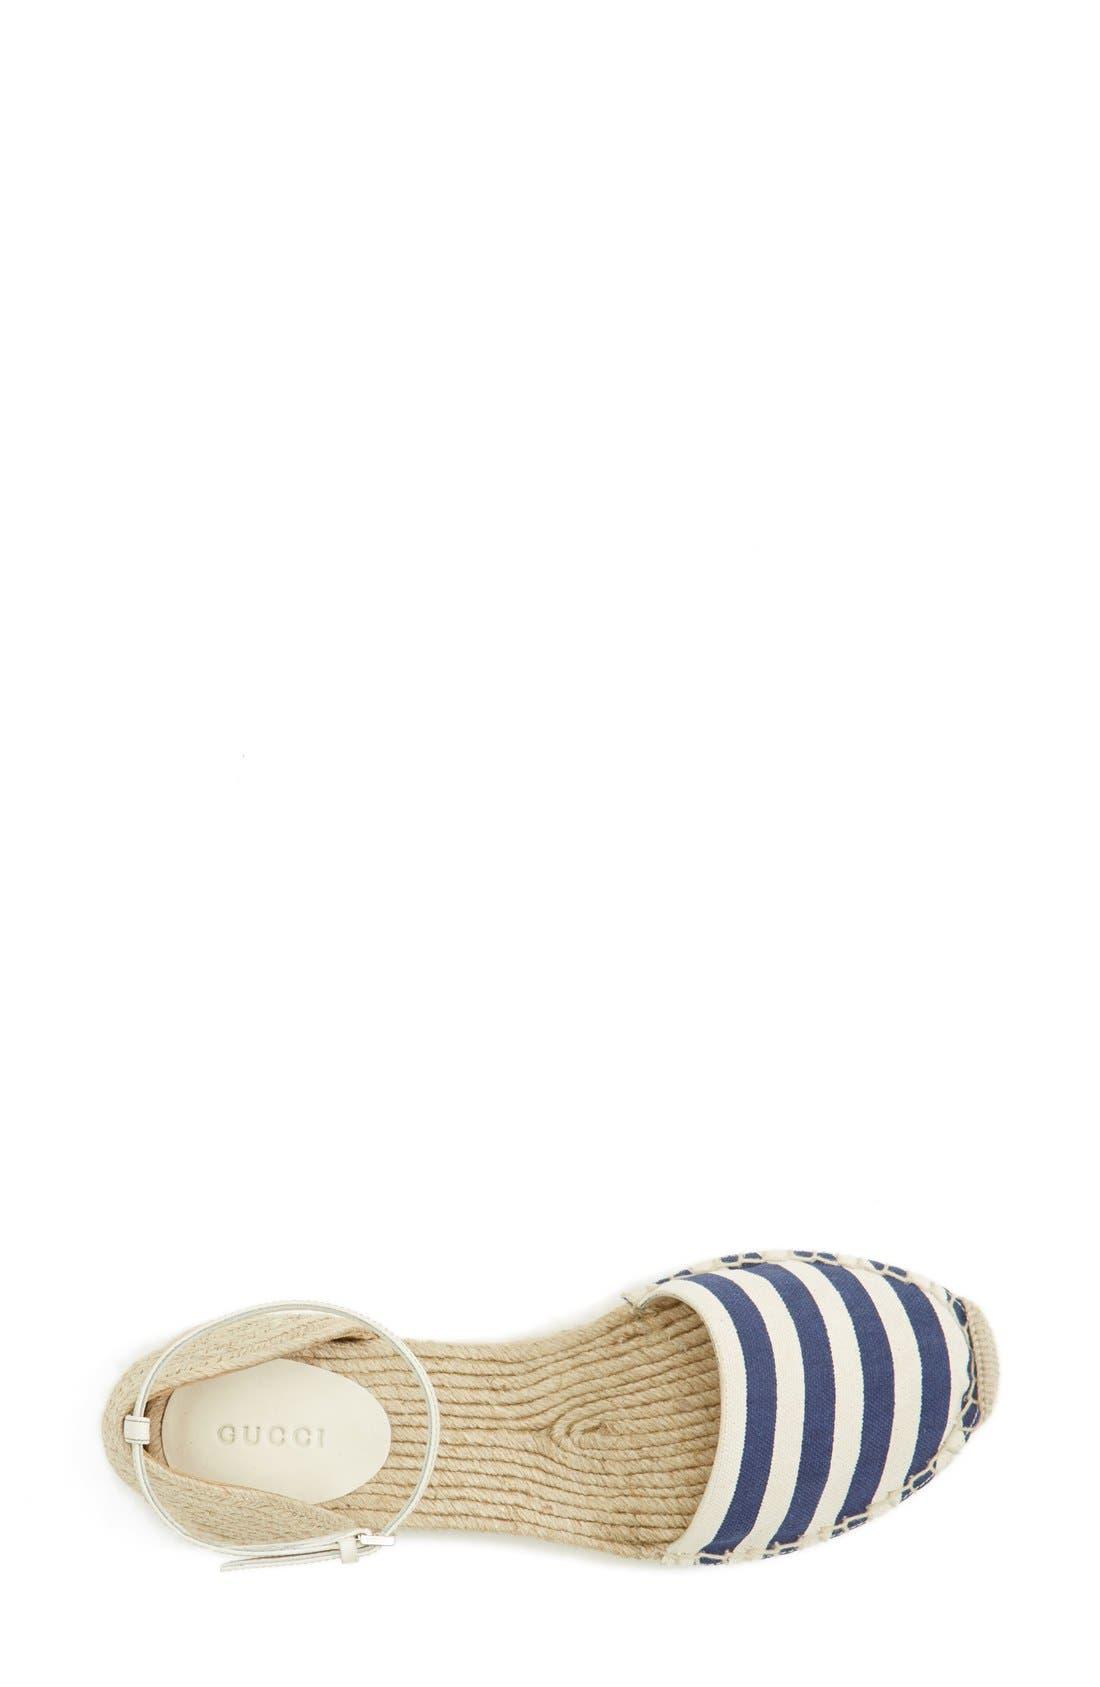 Alternate Image 3  - Gucci 'Veronique' Ankle Strap d'Orsay Espadrille Flat (Women)